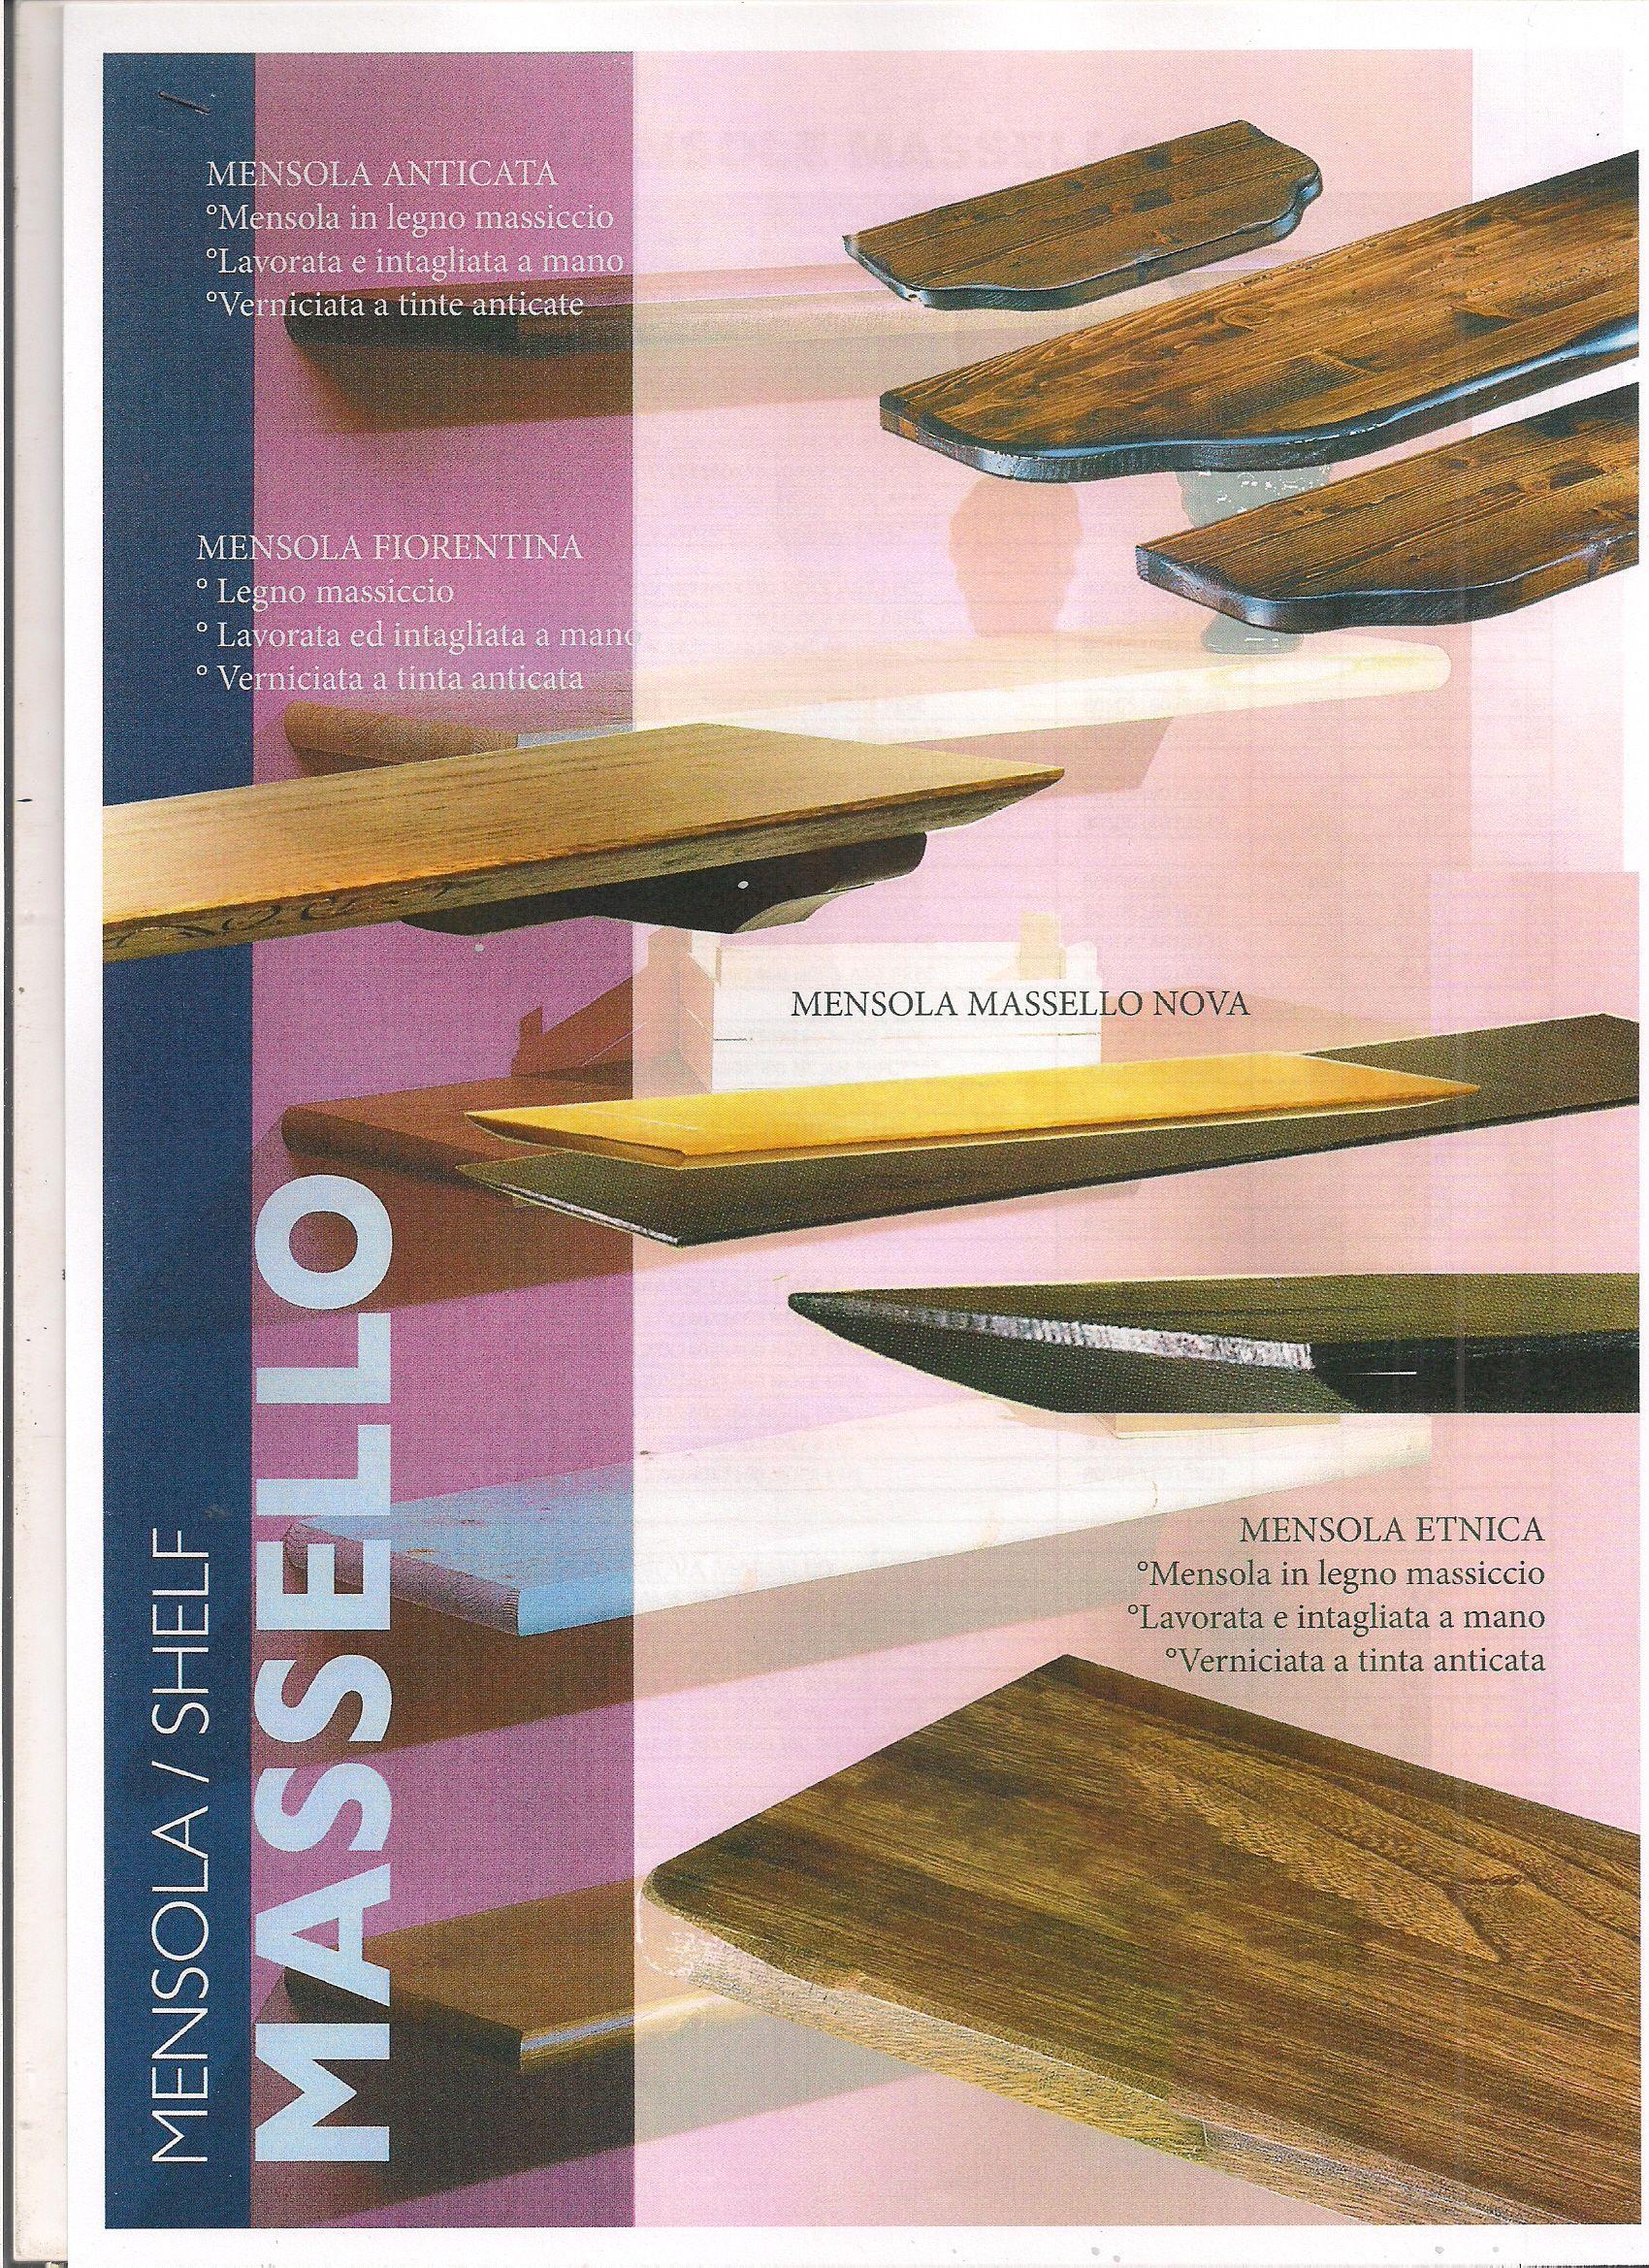 Mensole In Legno Arrotondate.Mensola In Legno Massiccio Anticata Mensola Etnica Mensole E